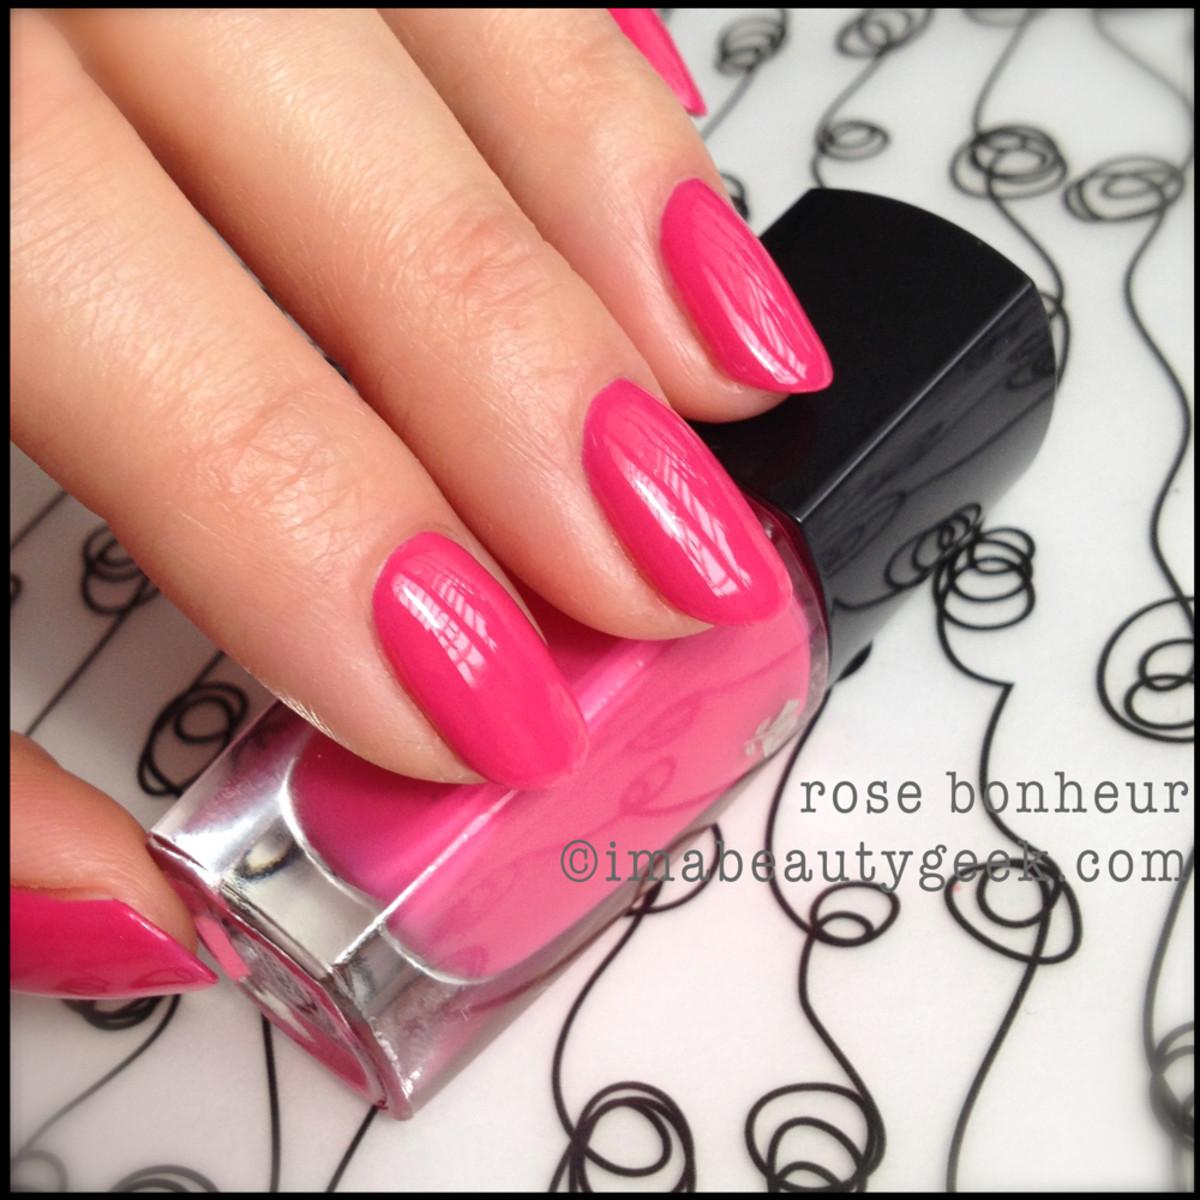 Lancome polish Rose Bonheur